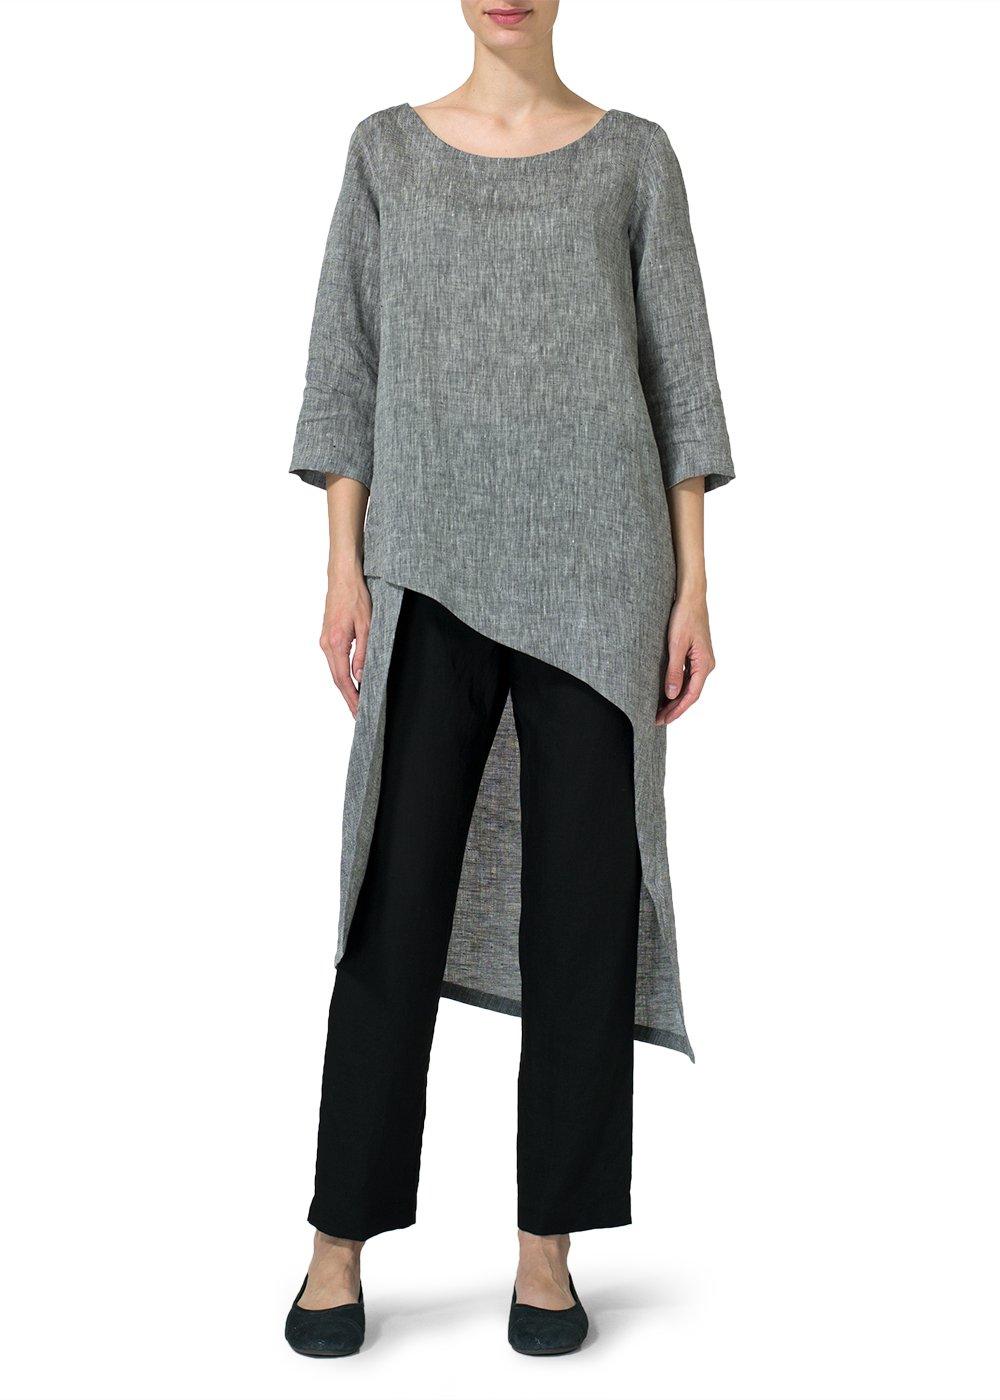 Vivid Linen Asymmetrical Tunic-M-Two Tone Black